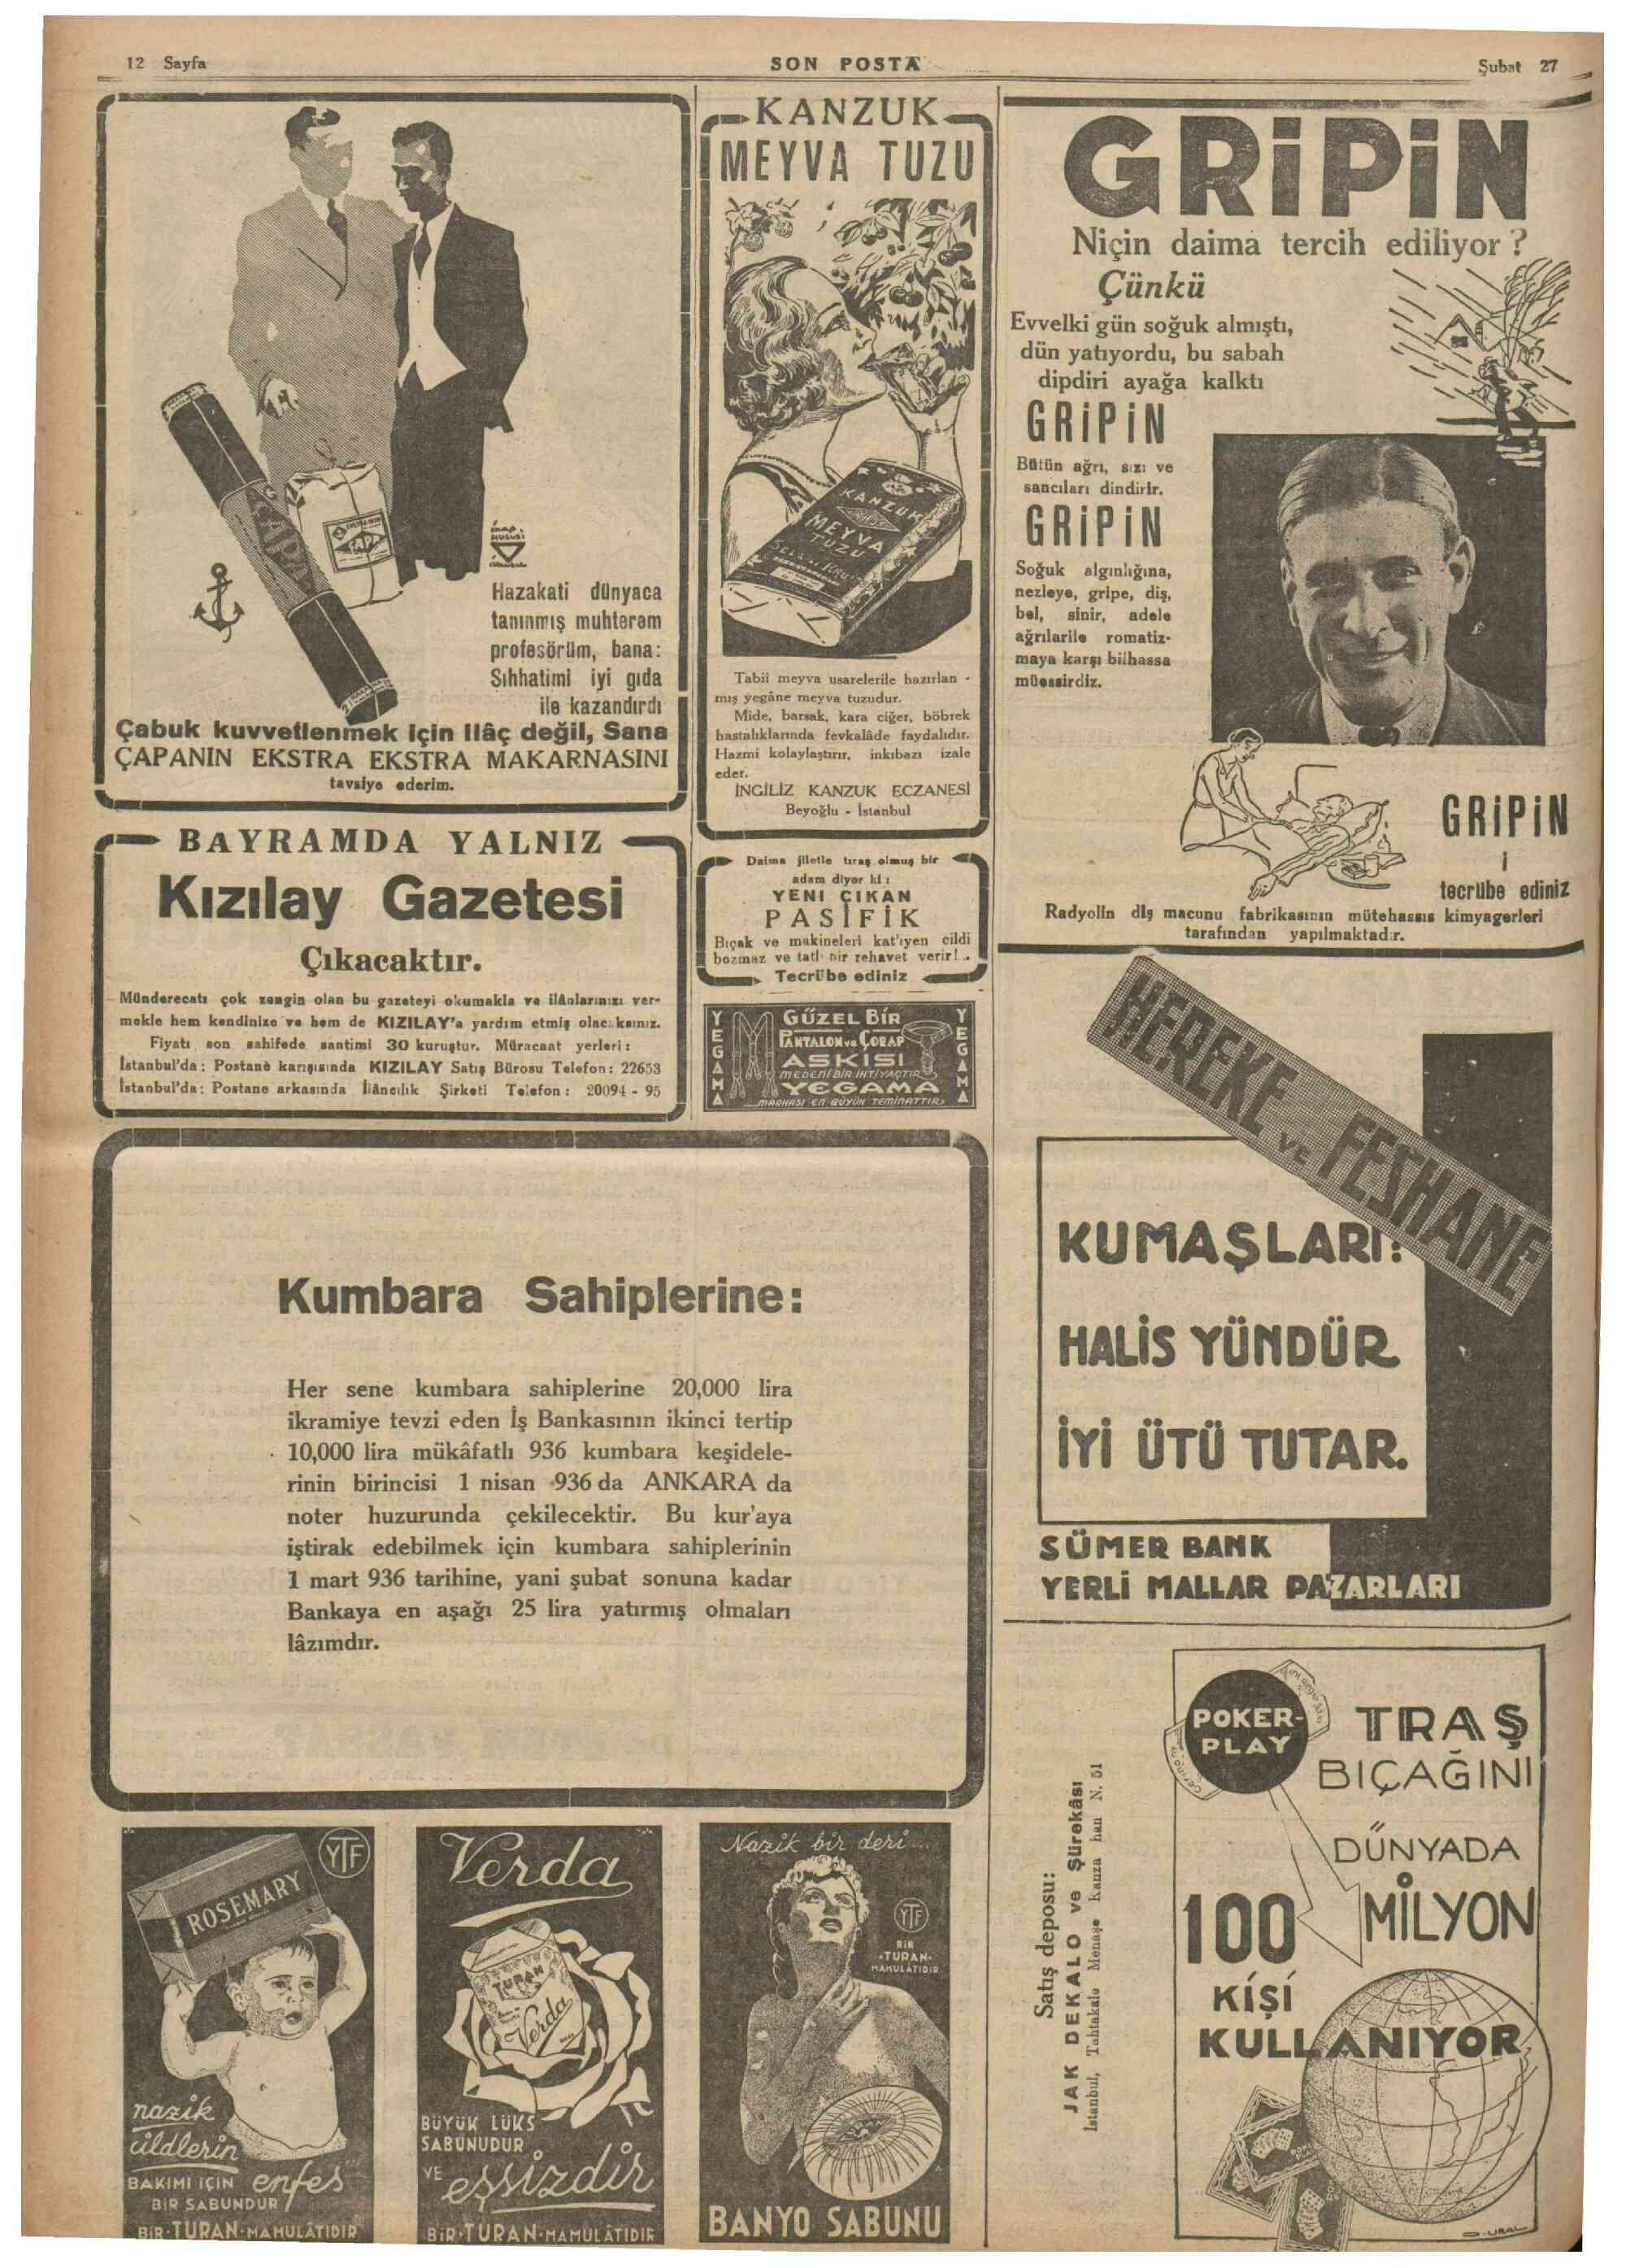 28 Şubat 1936 Tarihli Son Posta Dergisi Sayfa 1